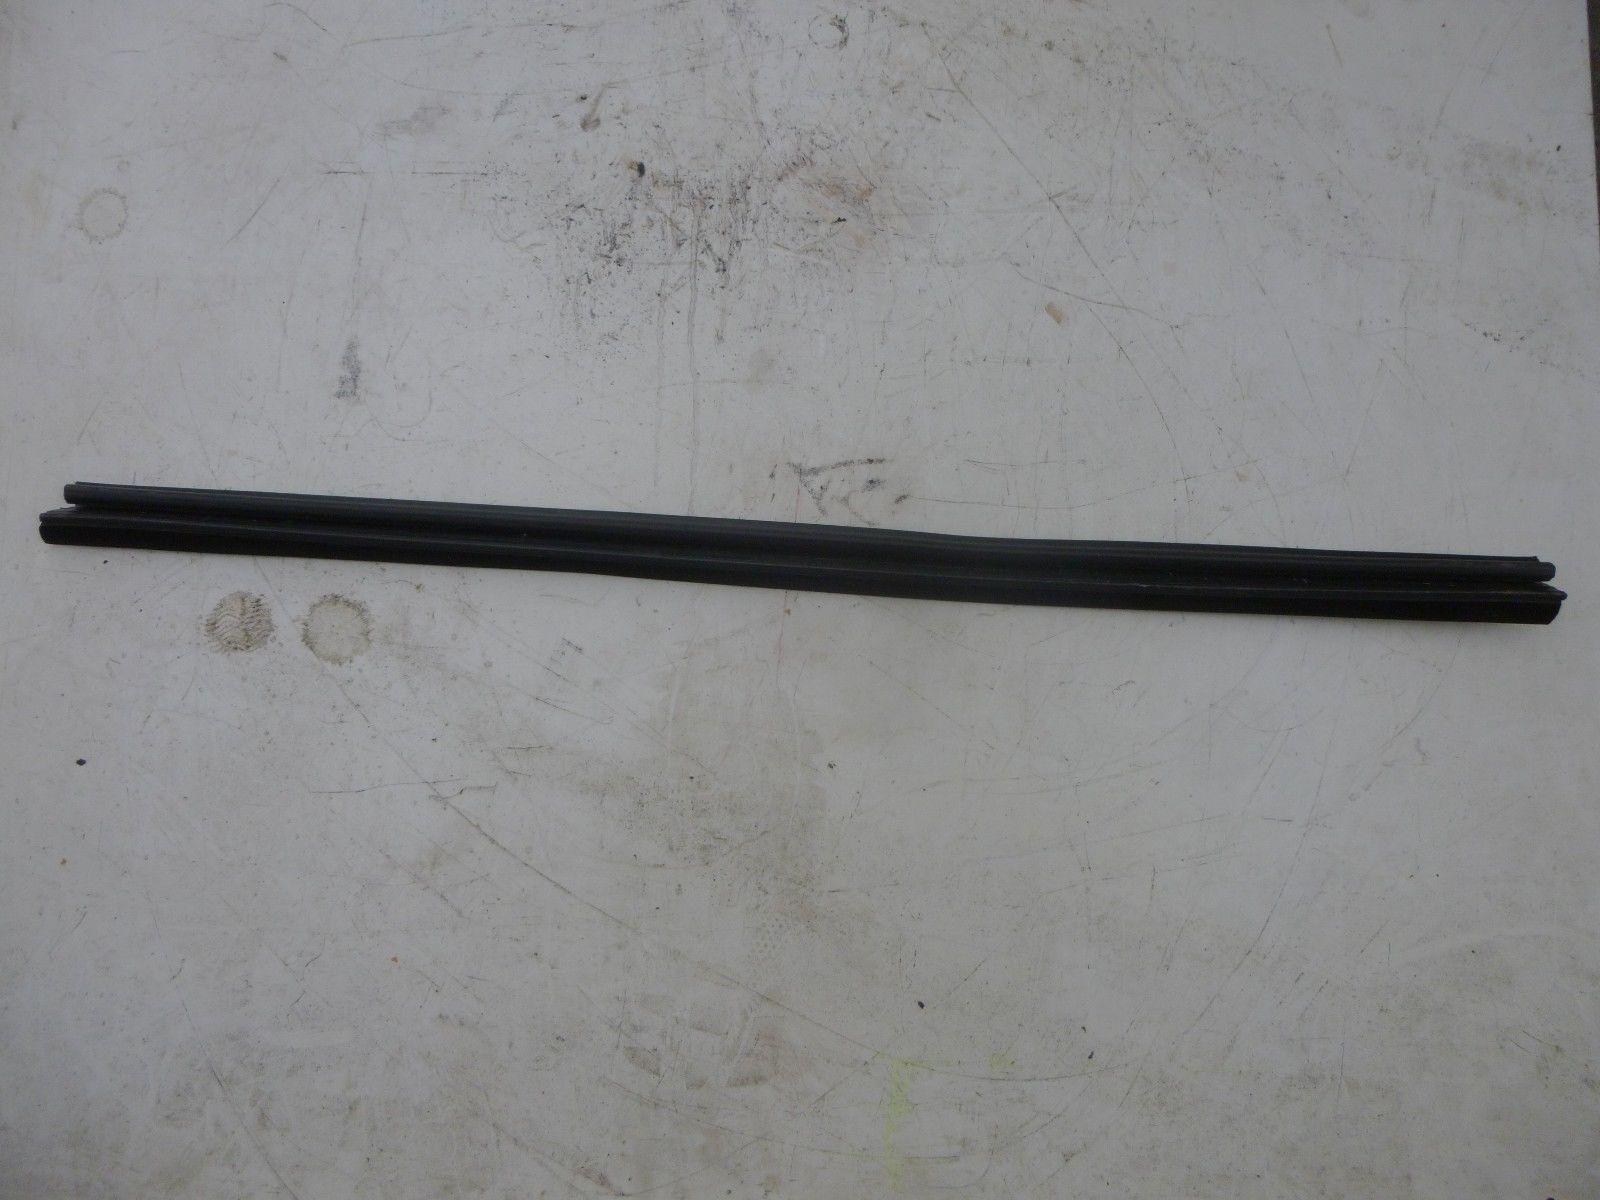 VW TOURAN Bj:2004 Schachtleiste Tür Fenster Hinten Links 1T0837471